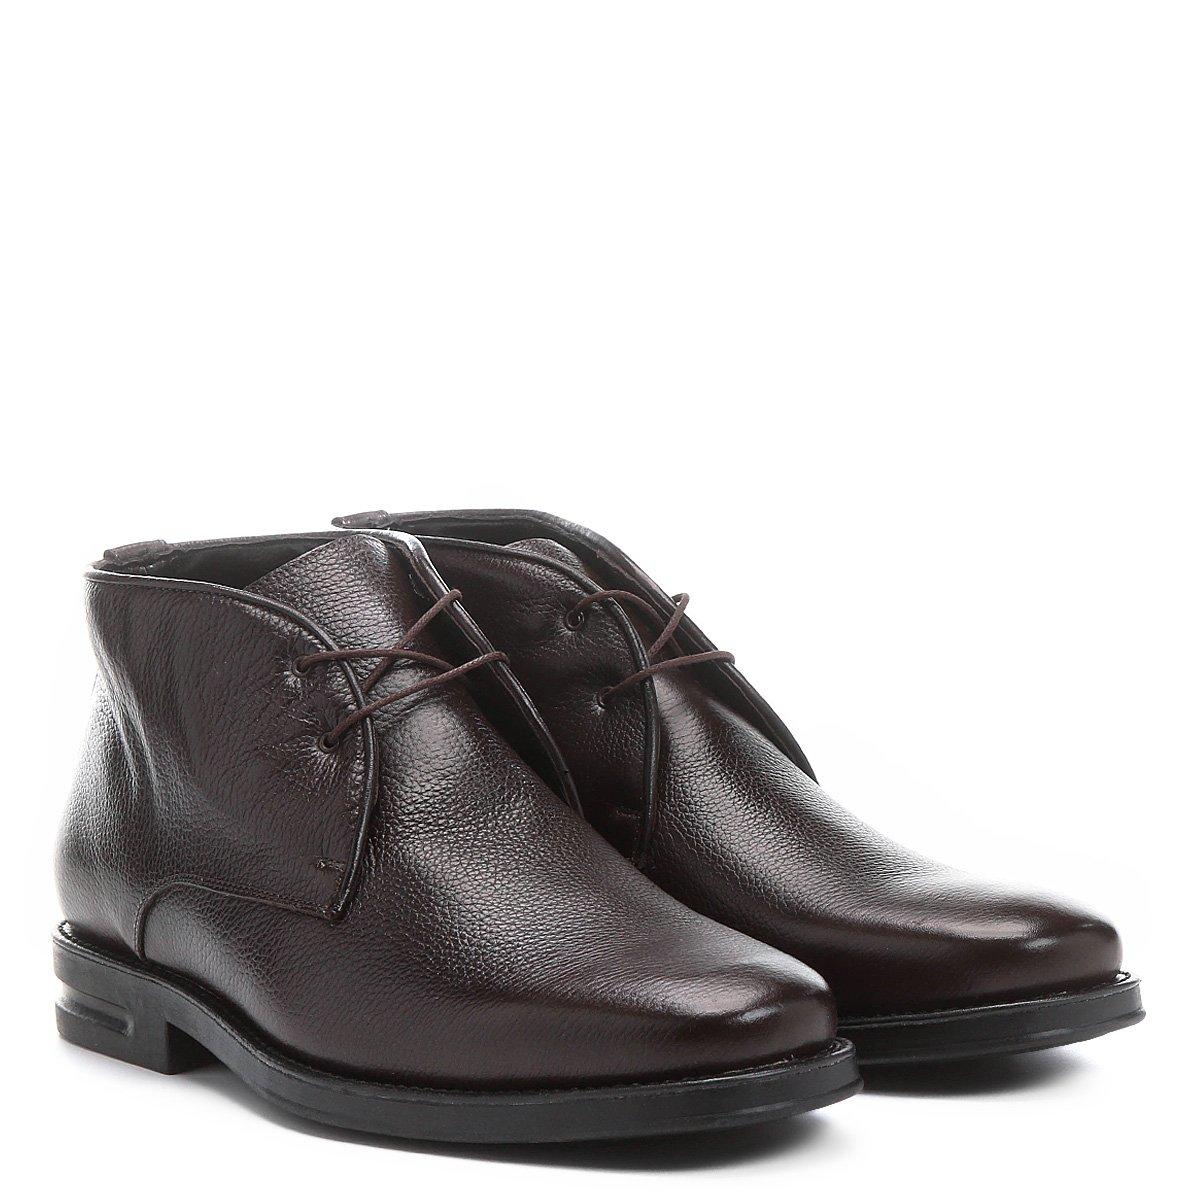 214ad6537c Sapato Conforto Couro Shoestock Cano Alto